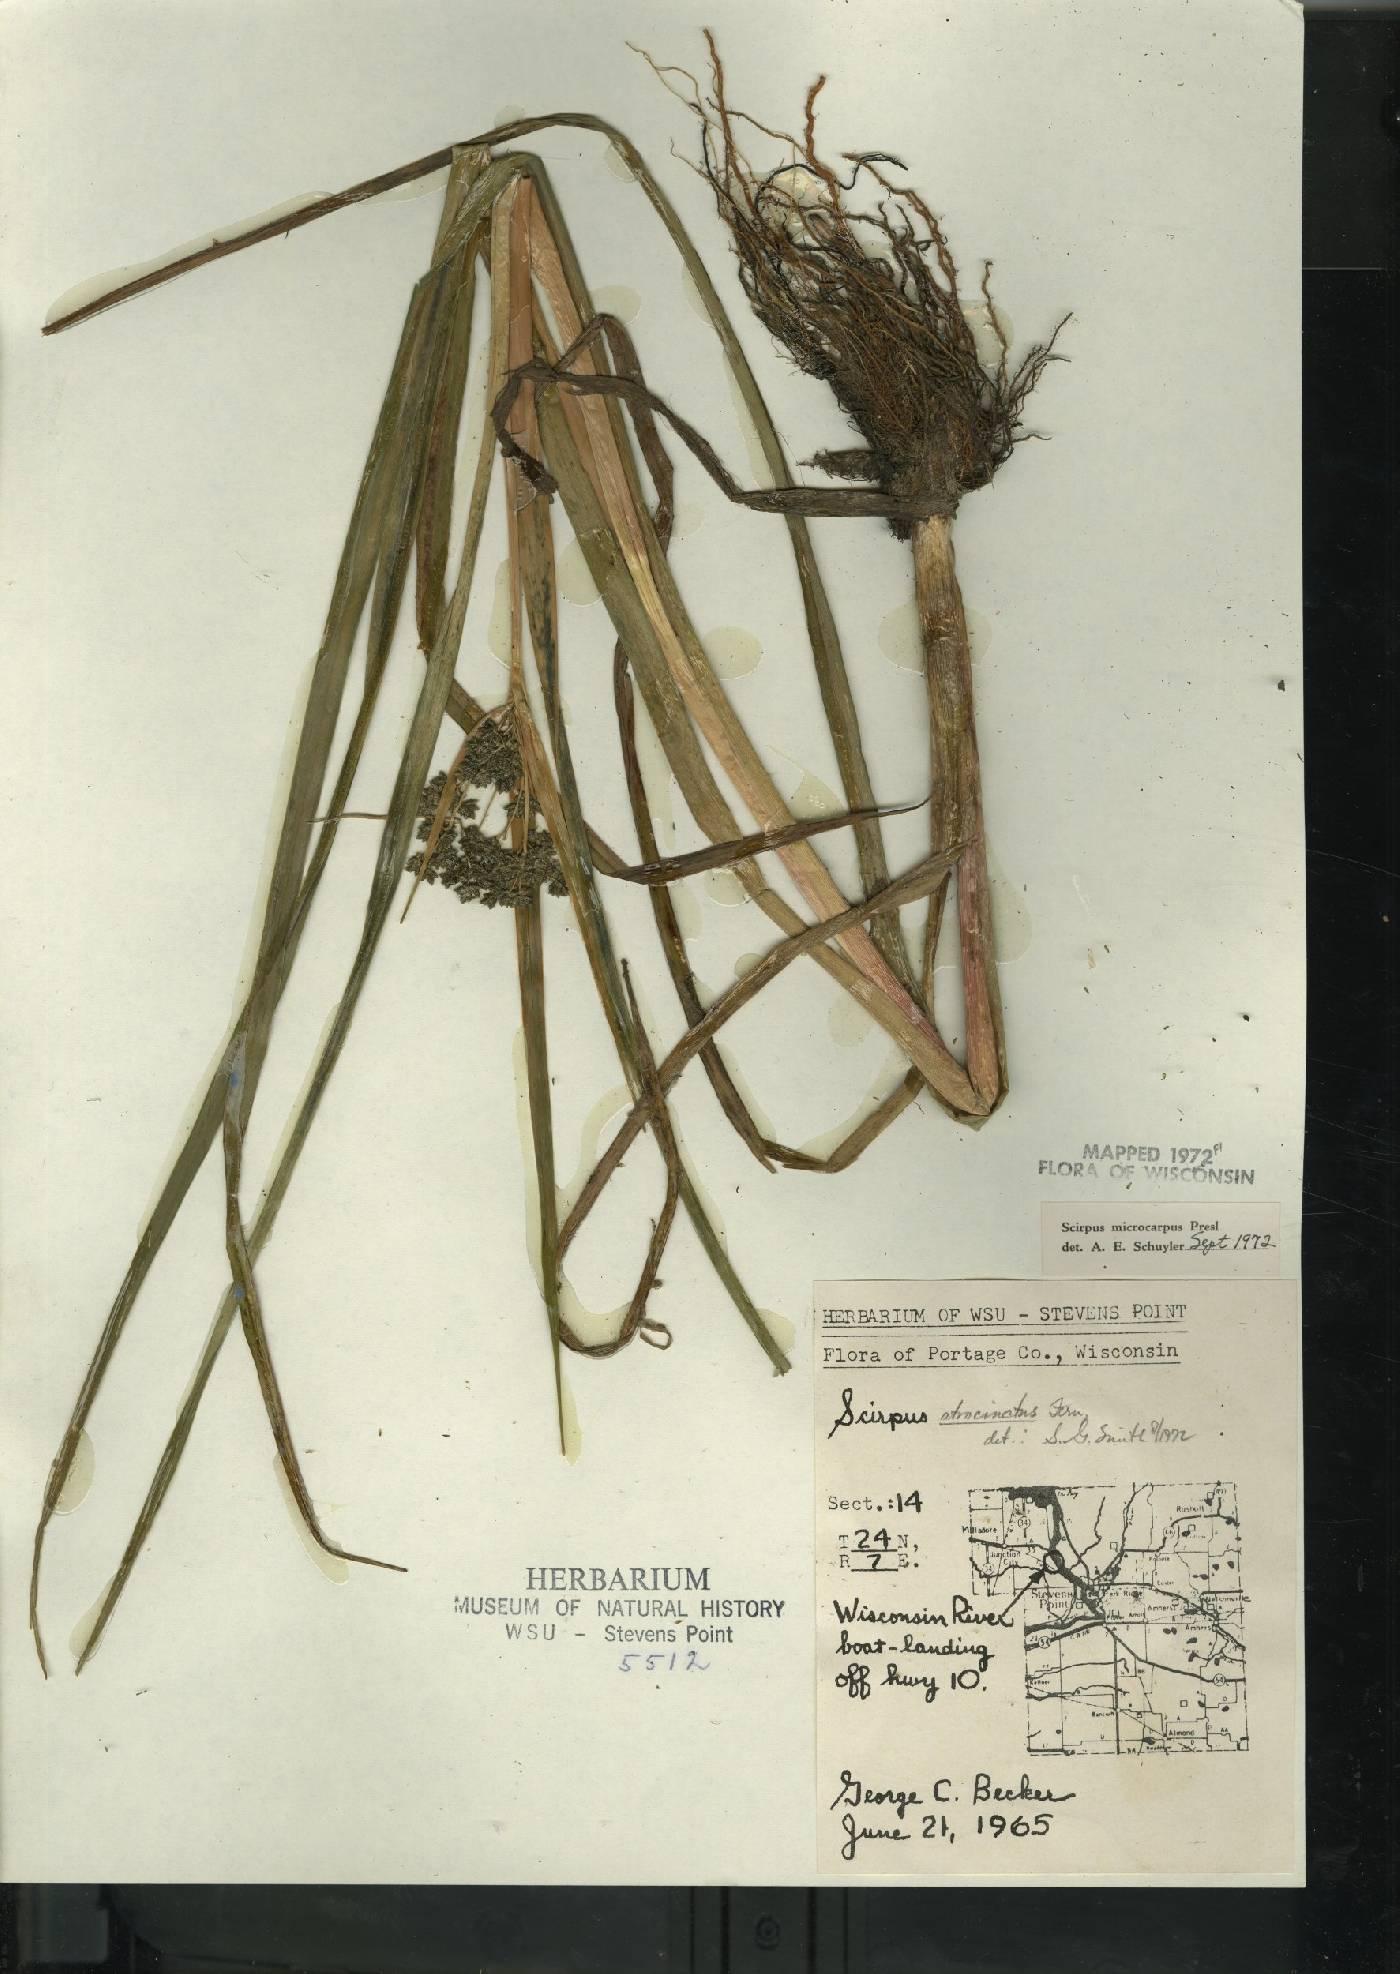 Scirpus atrocinctus image